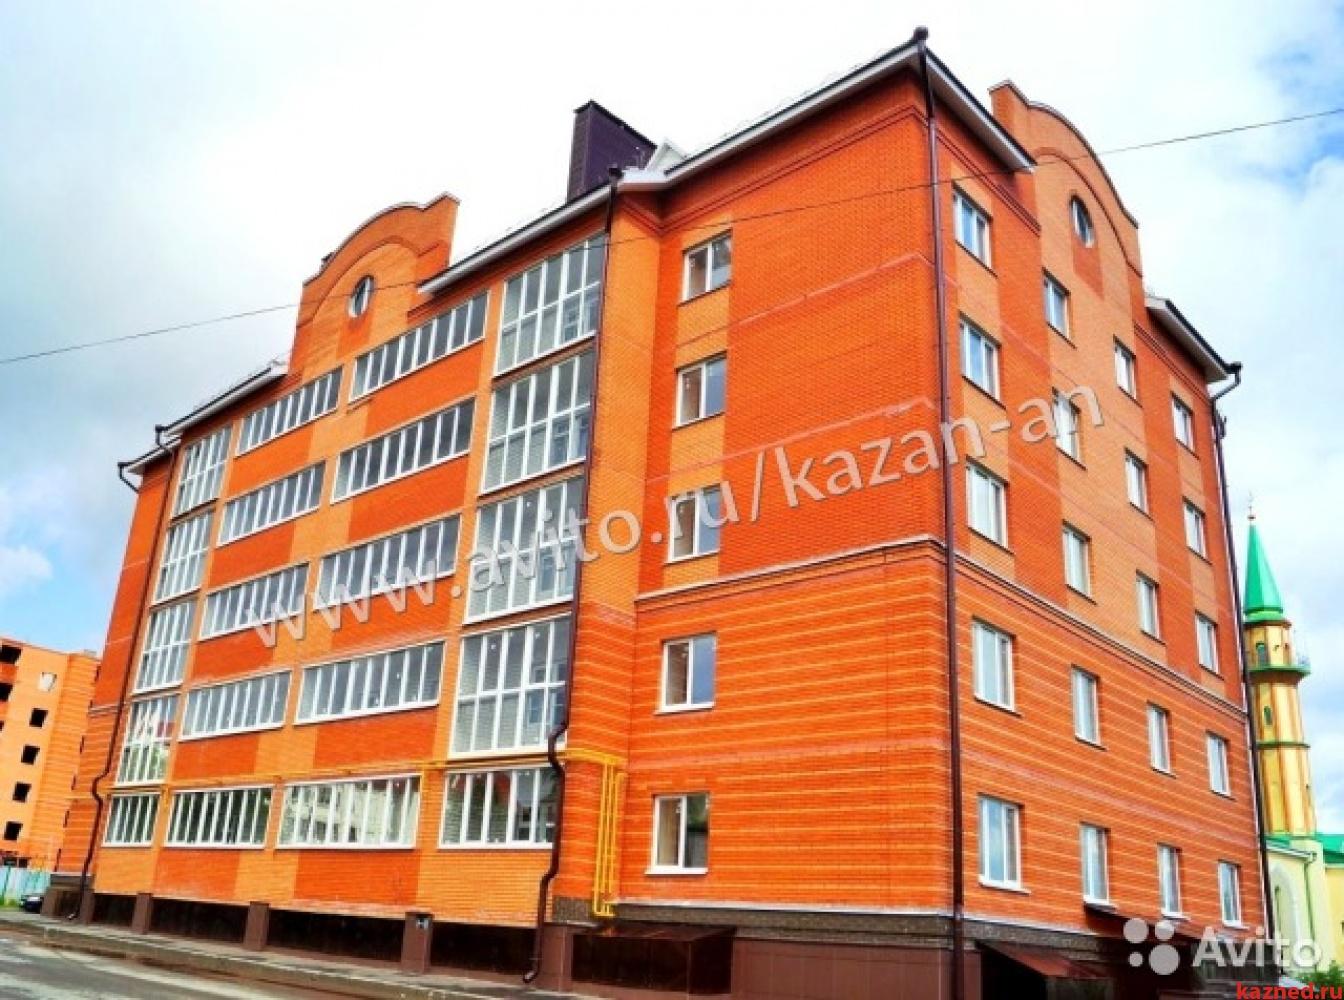 Продажа 2-к квартиры Комсомольская, д. 26, 74 м²  (миниатюра №1)